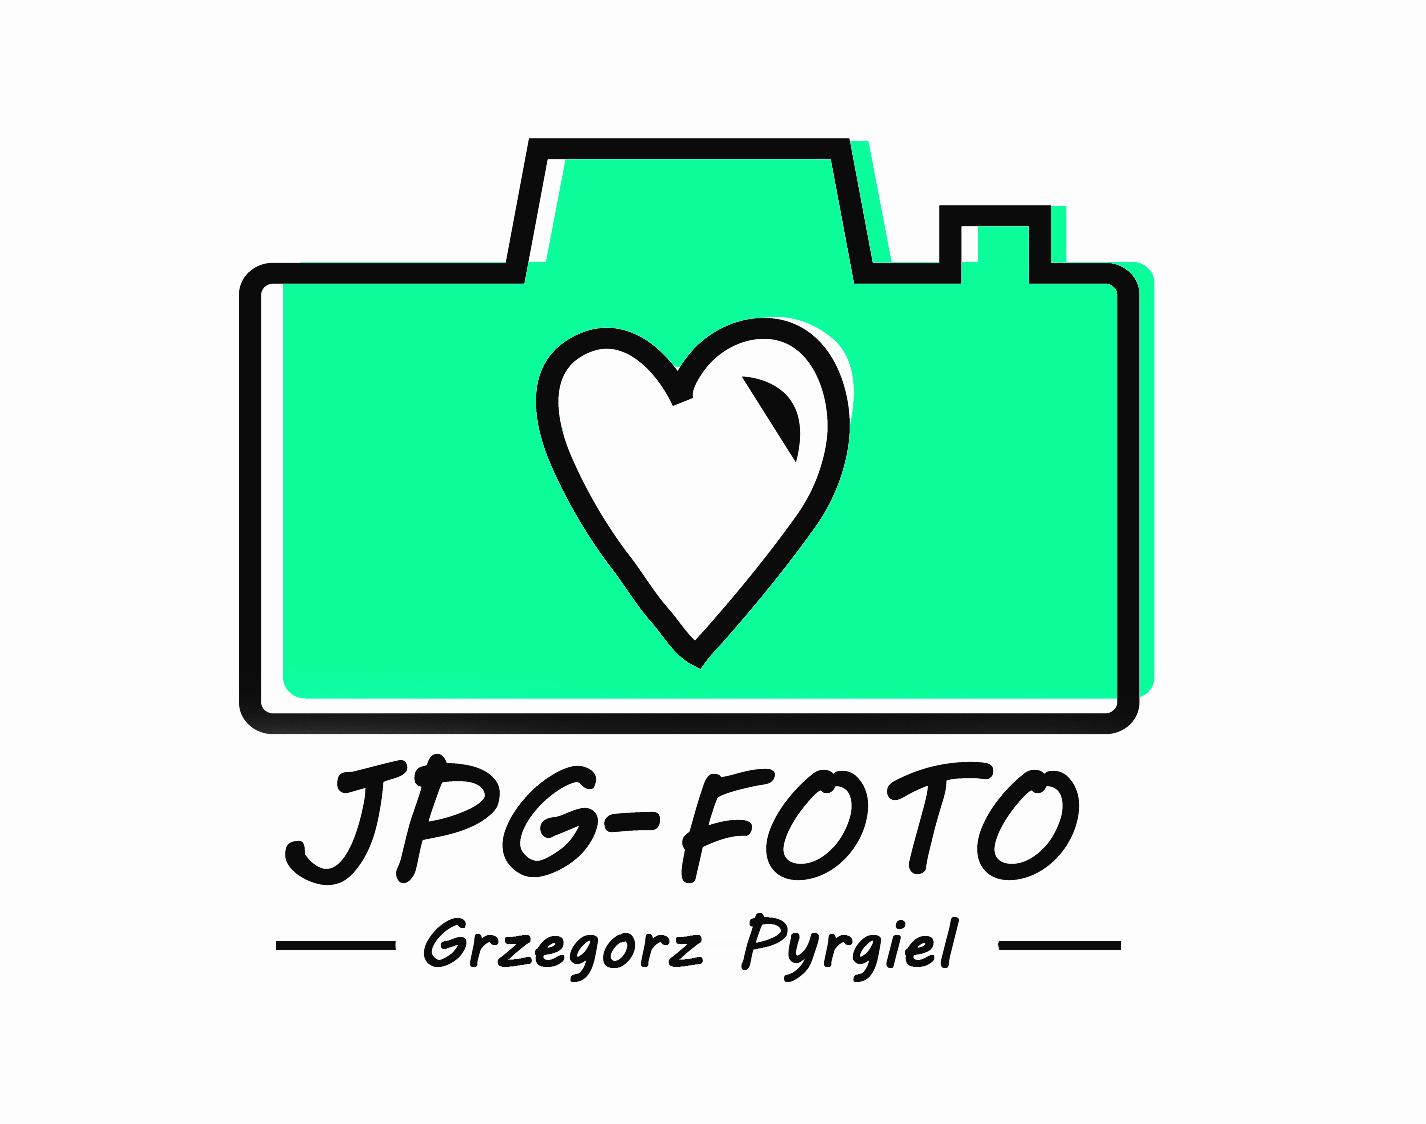 JPG-Foto Grzegorz Pyrgiel